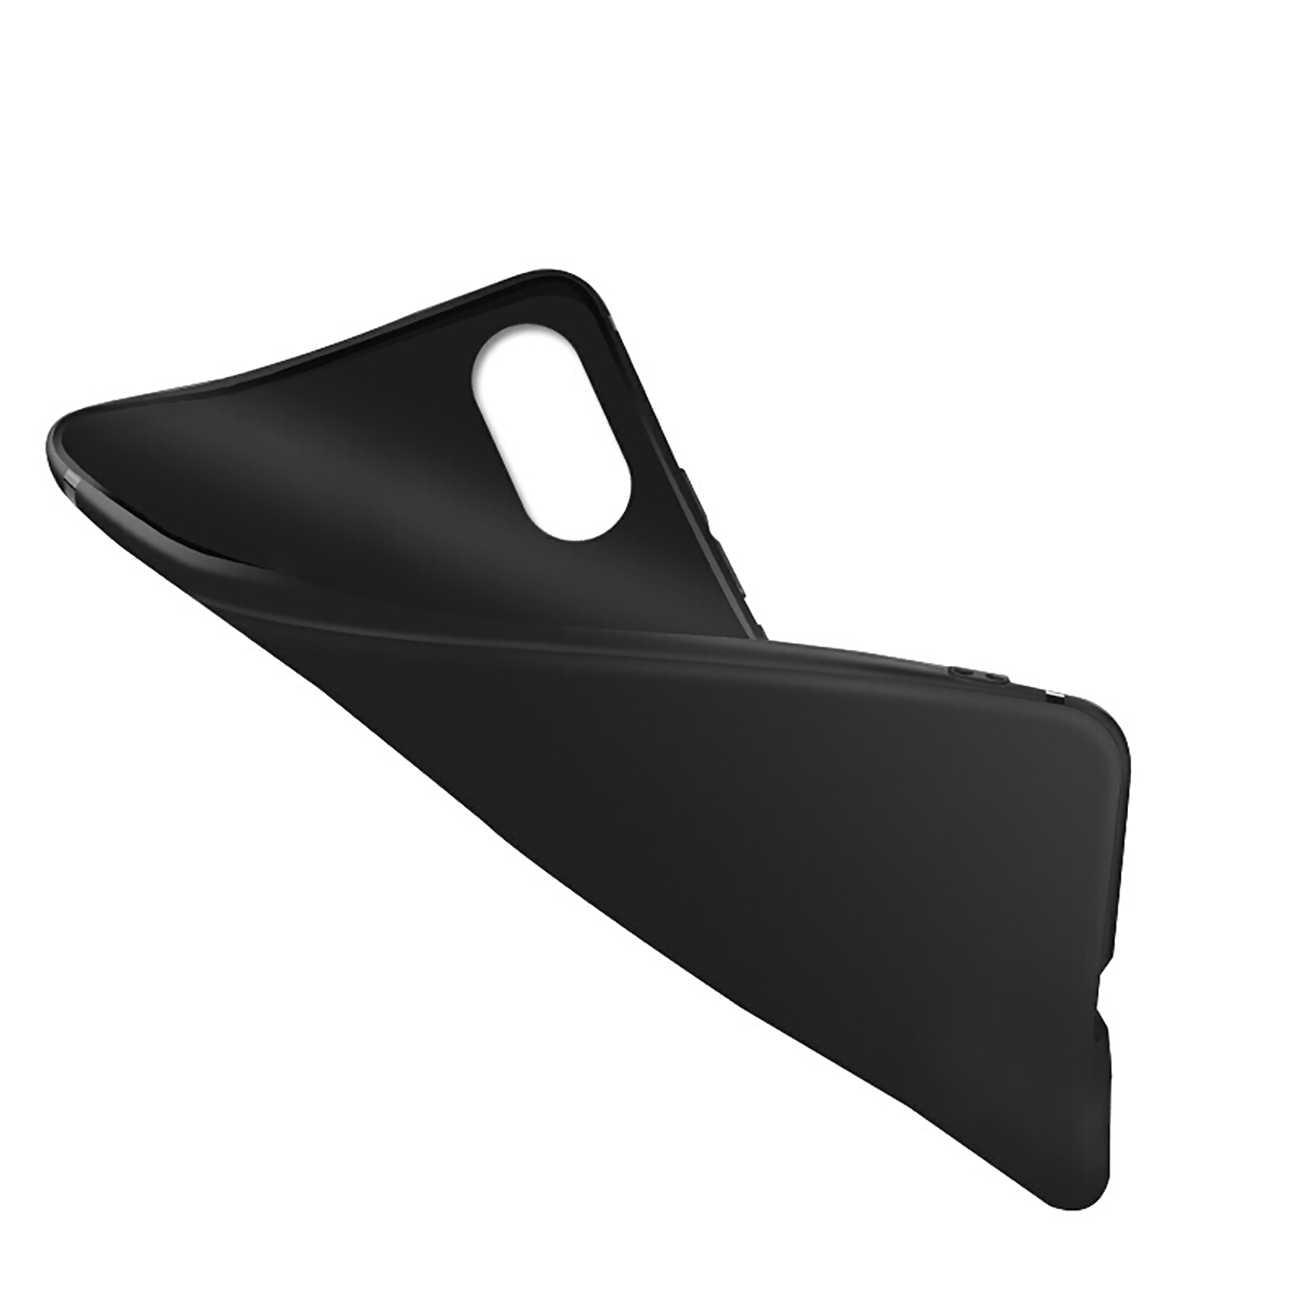 Ateez Kpop Cassa Dura Del Telefono per Il Iphone Xr X Xs 11 Pro Max 10 7 8 6 6S 5 5S Se 4 4s 4 Della Copertura